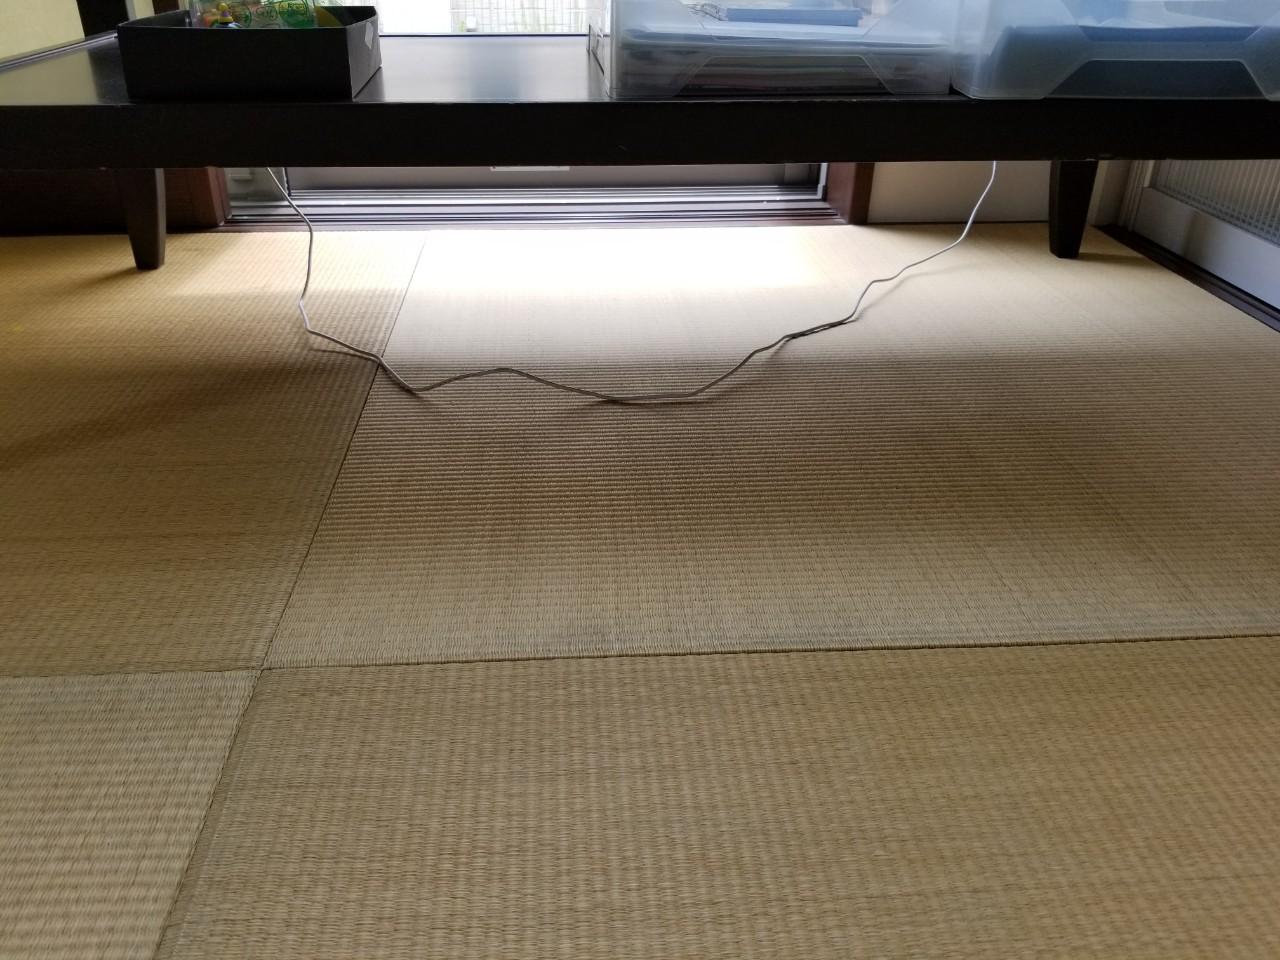 20200805 半田・カビ取り (3)